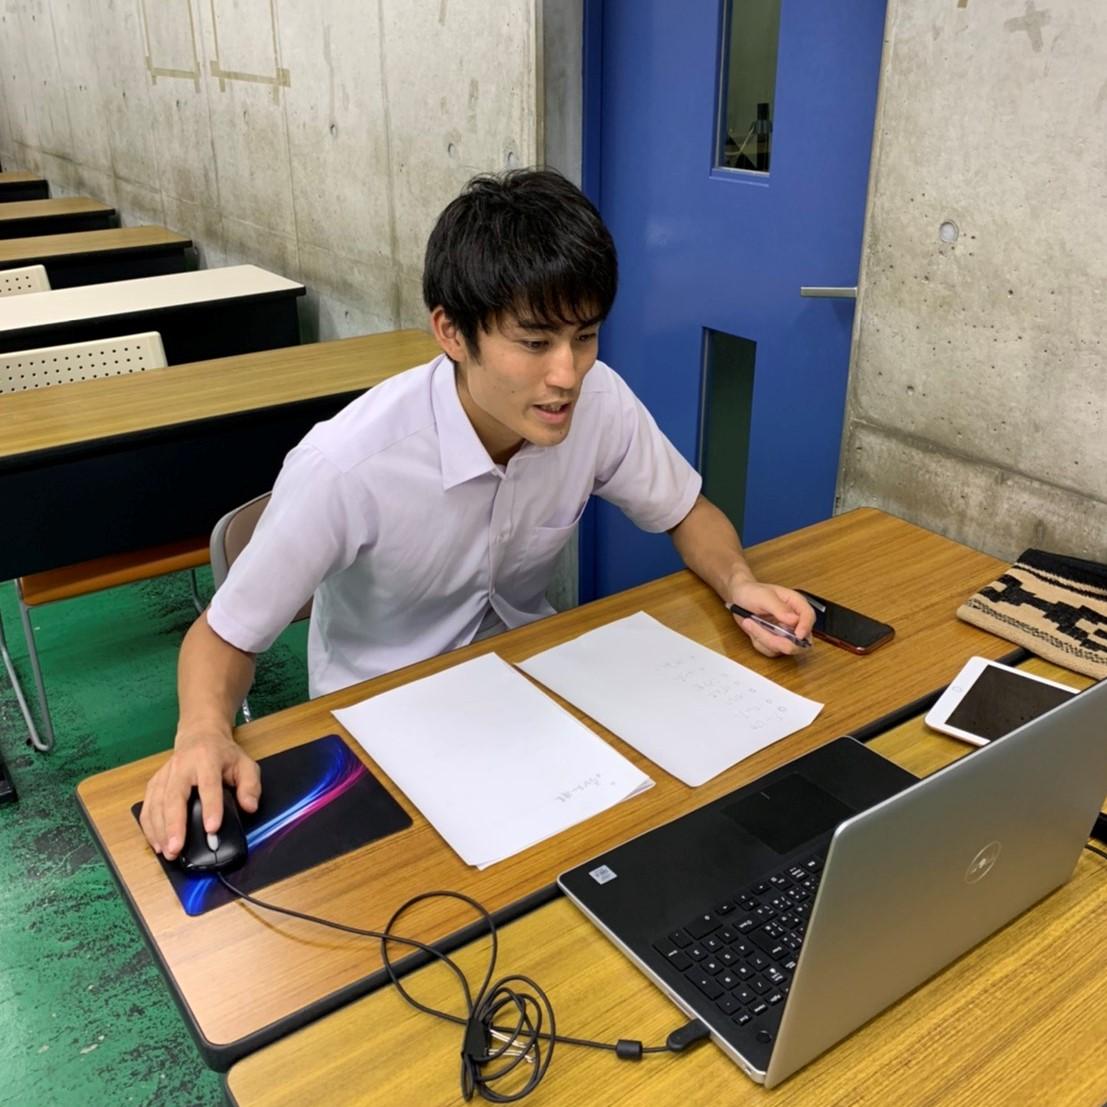 http://www.e-taishin.com/feature/img/%E9%9D%A2%E6%8E%A5.2020.8.1.online.jpg